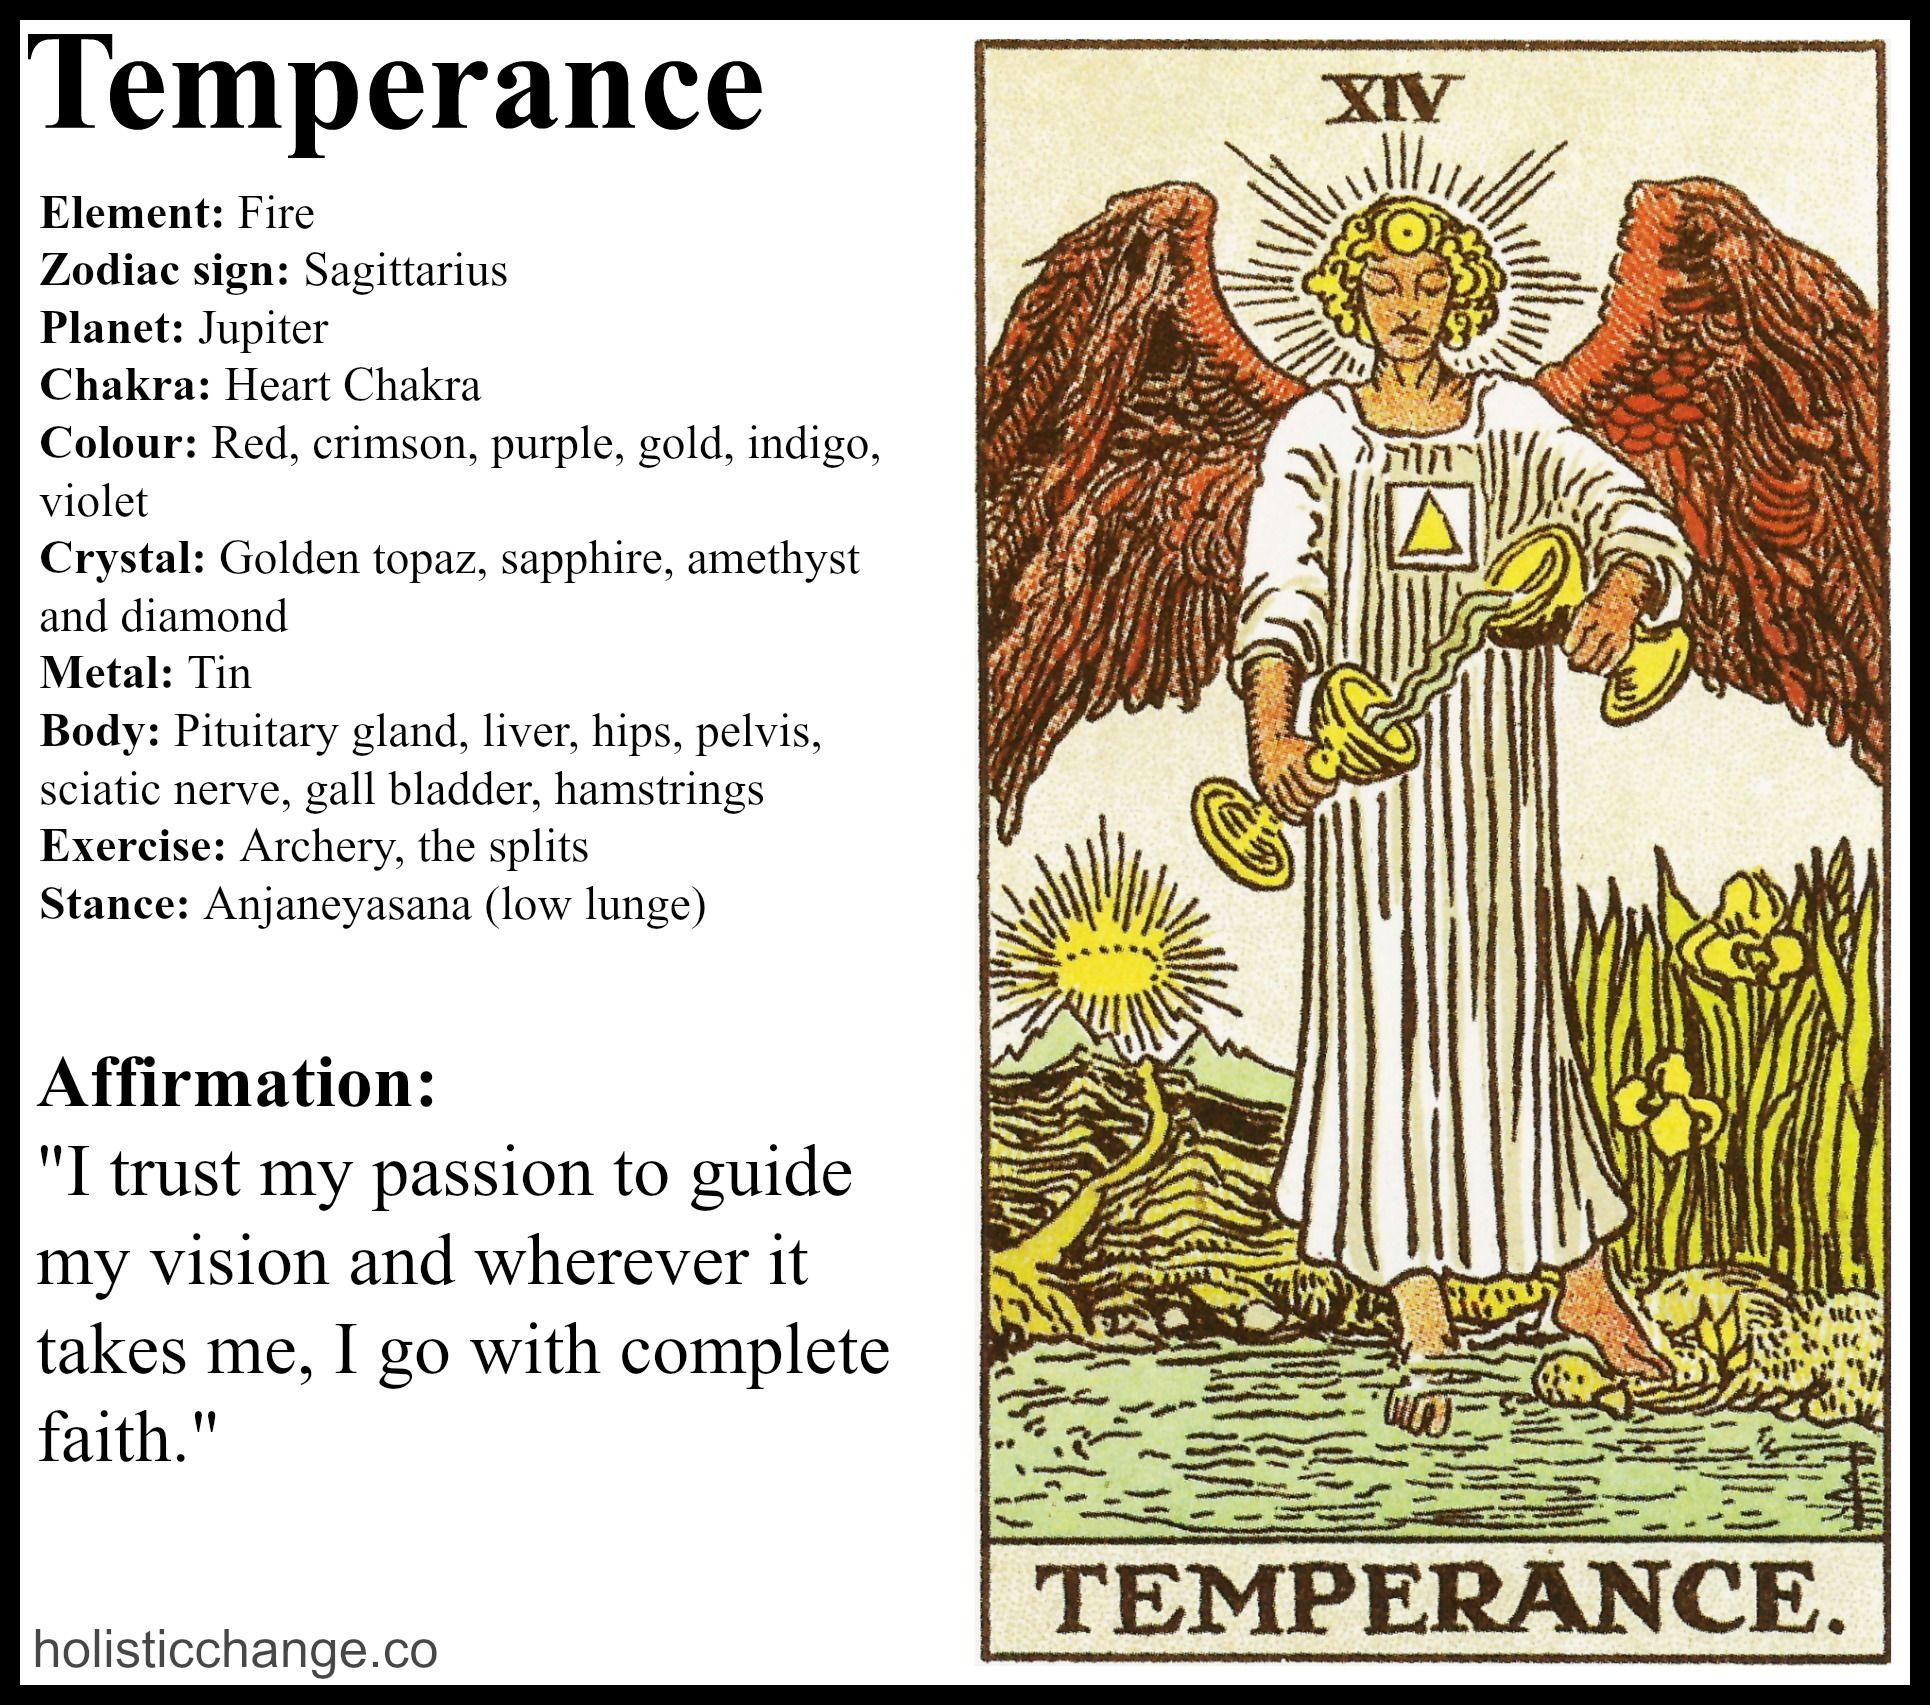 Angelorum - Tarot and Healing  Temperance tarot card, Temperance